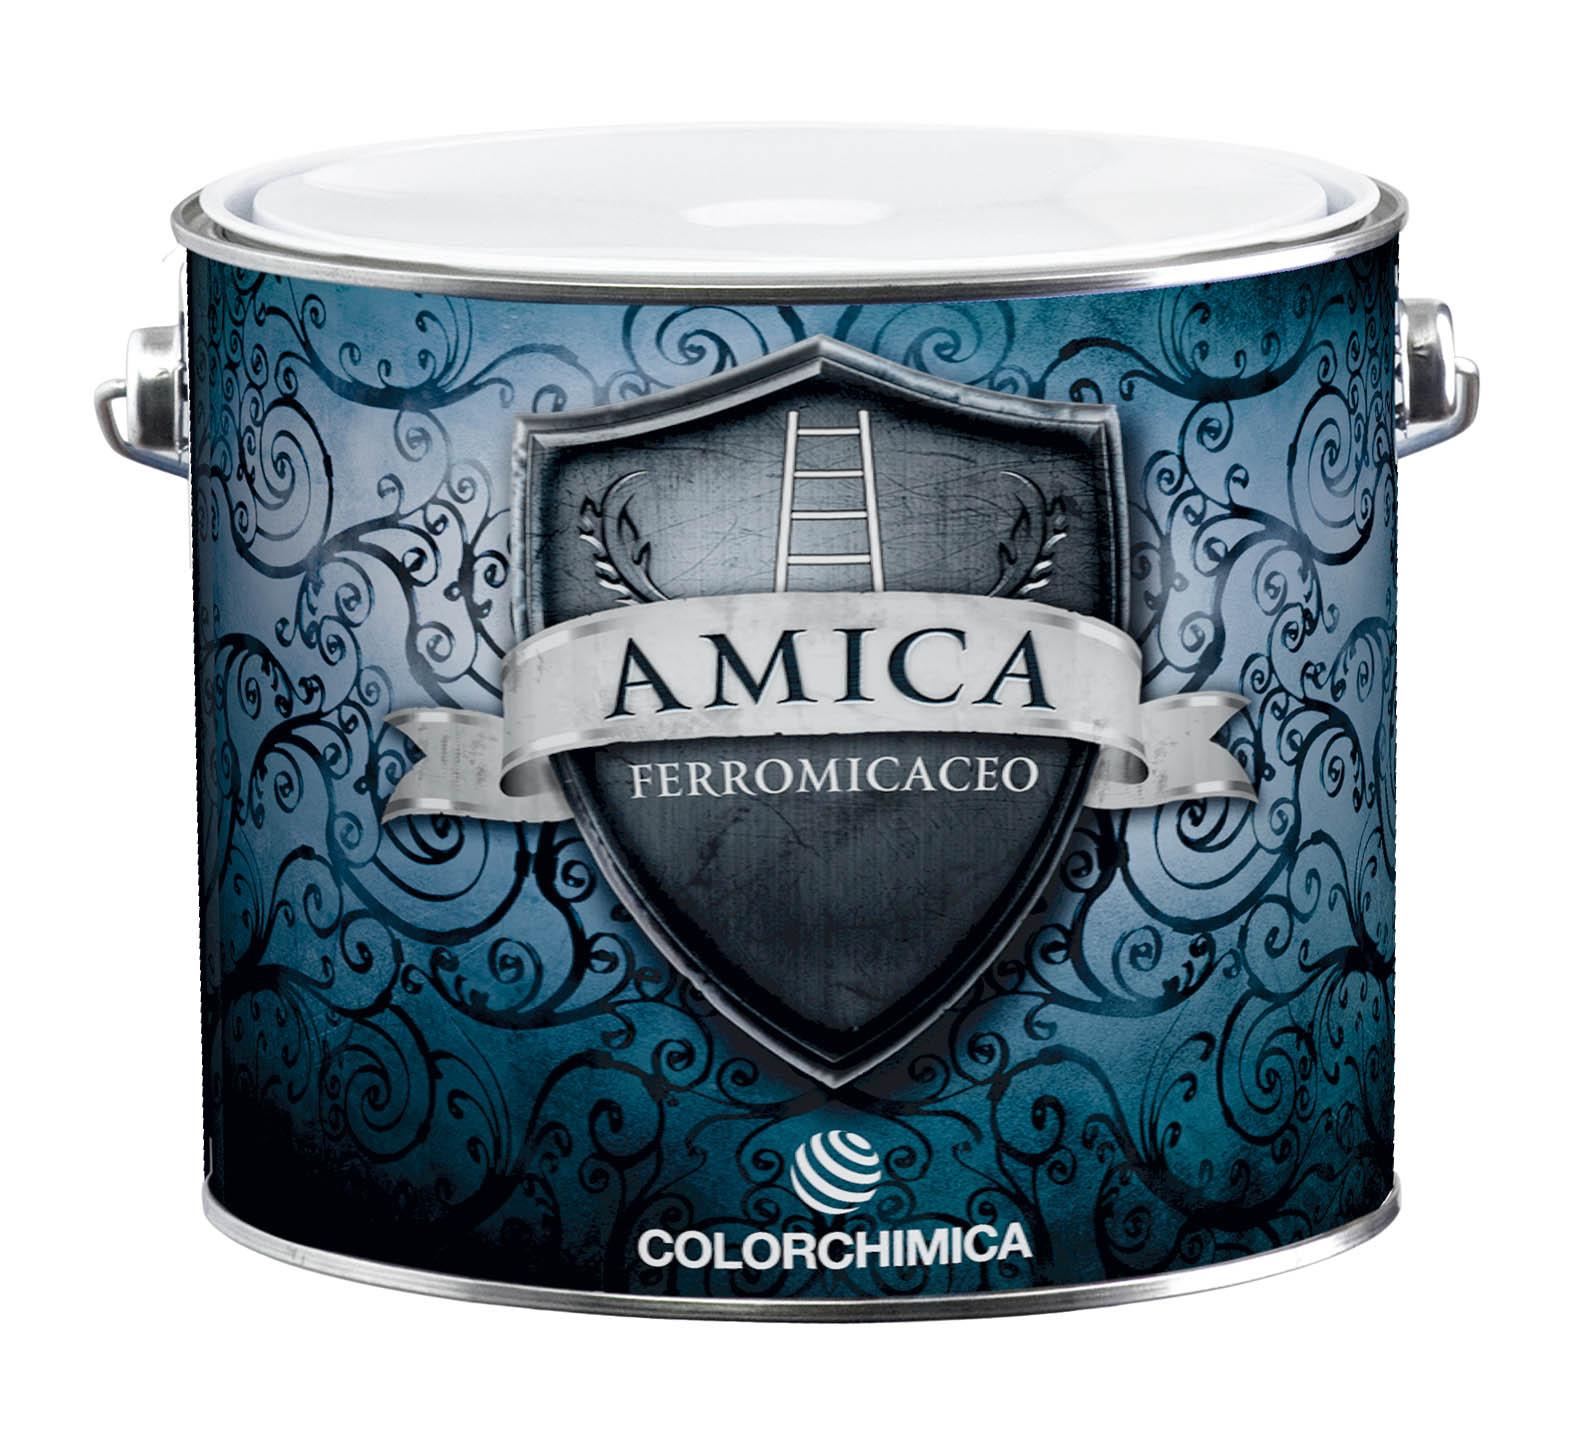 AMICA - Ferromicaceo